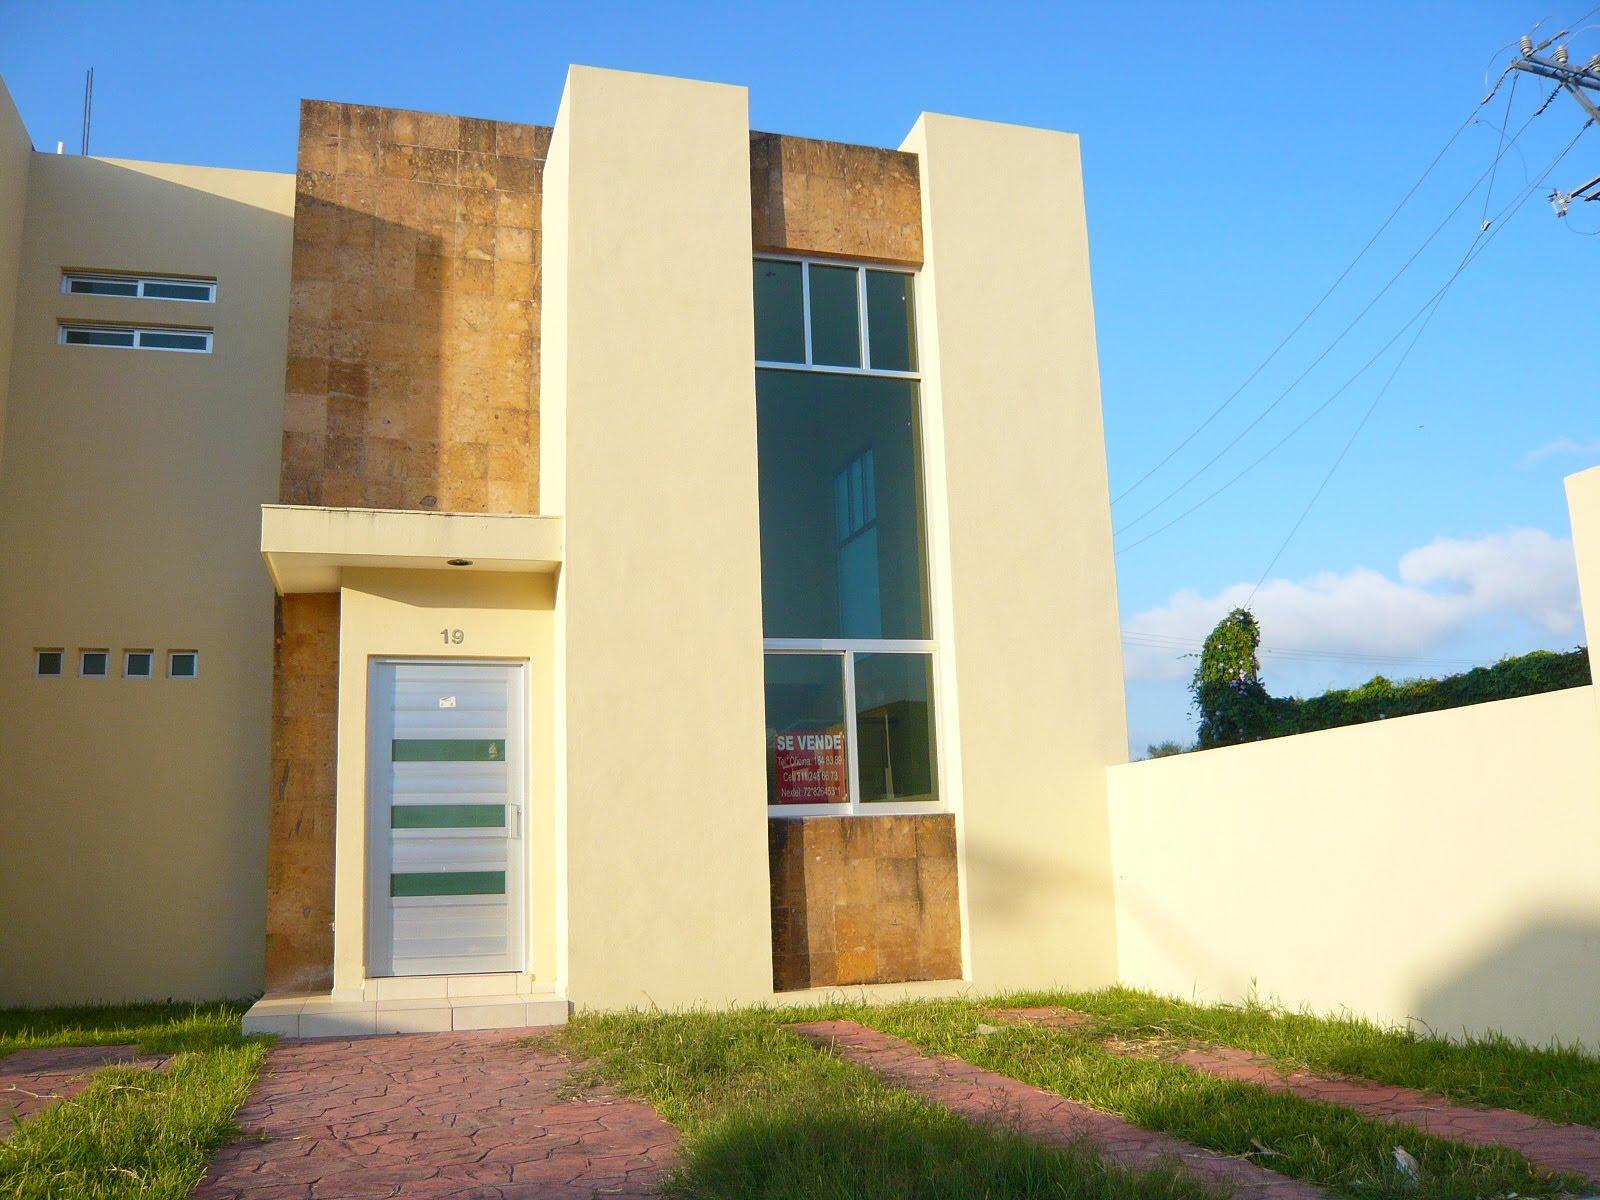 Armando dom nguez corredor inmobiliario casa nueva en for Inmobiliaria puerta del sol